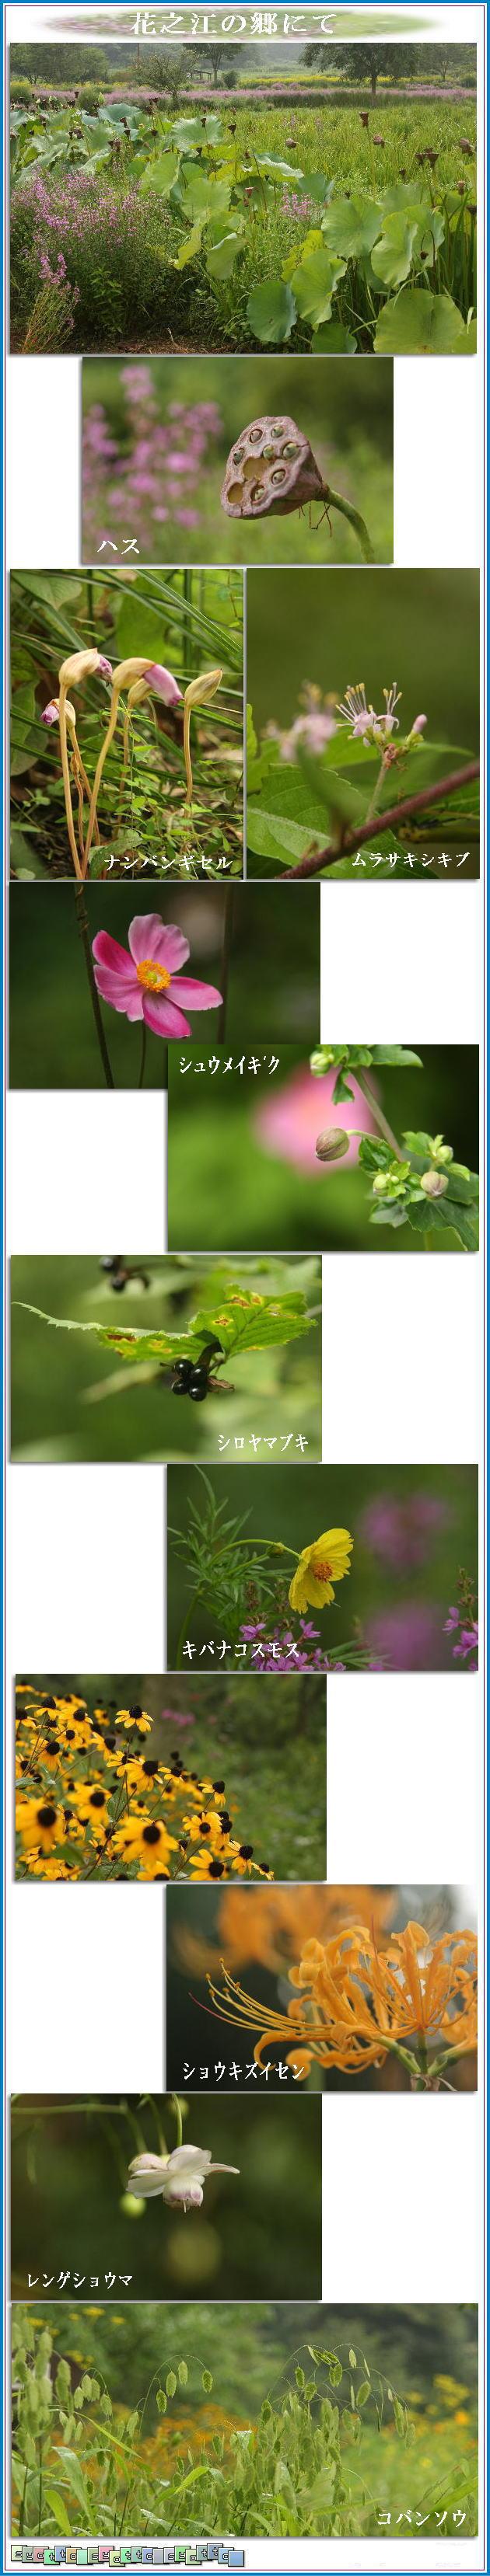 f0164592_715582.jpg